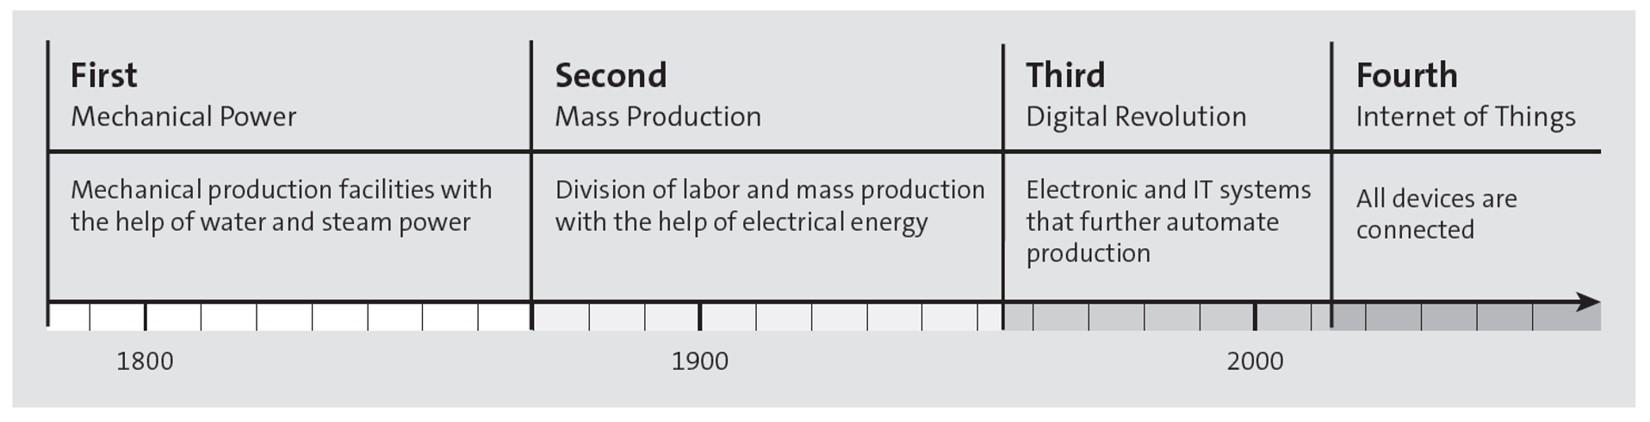 Eras of Industrial Revolution